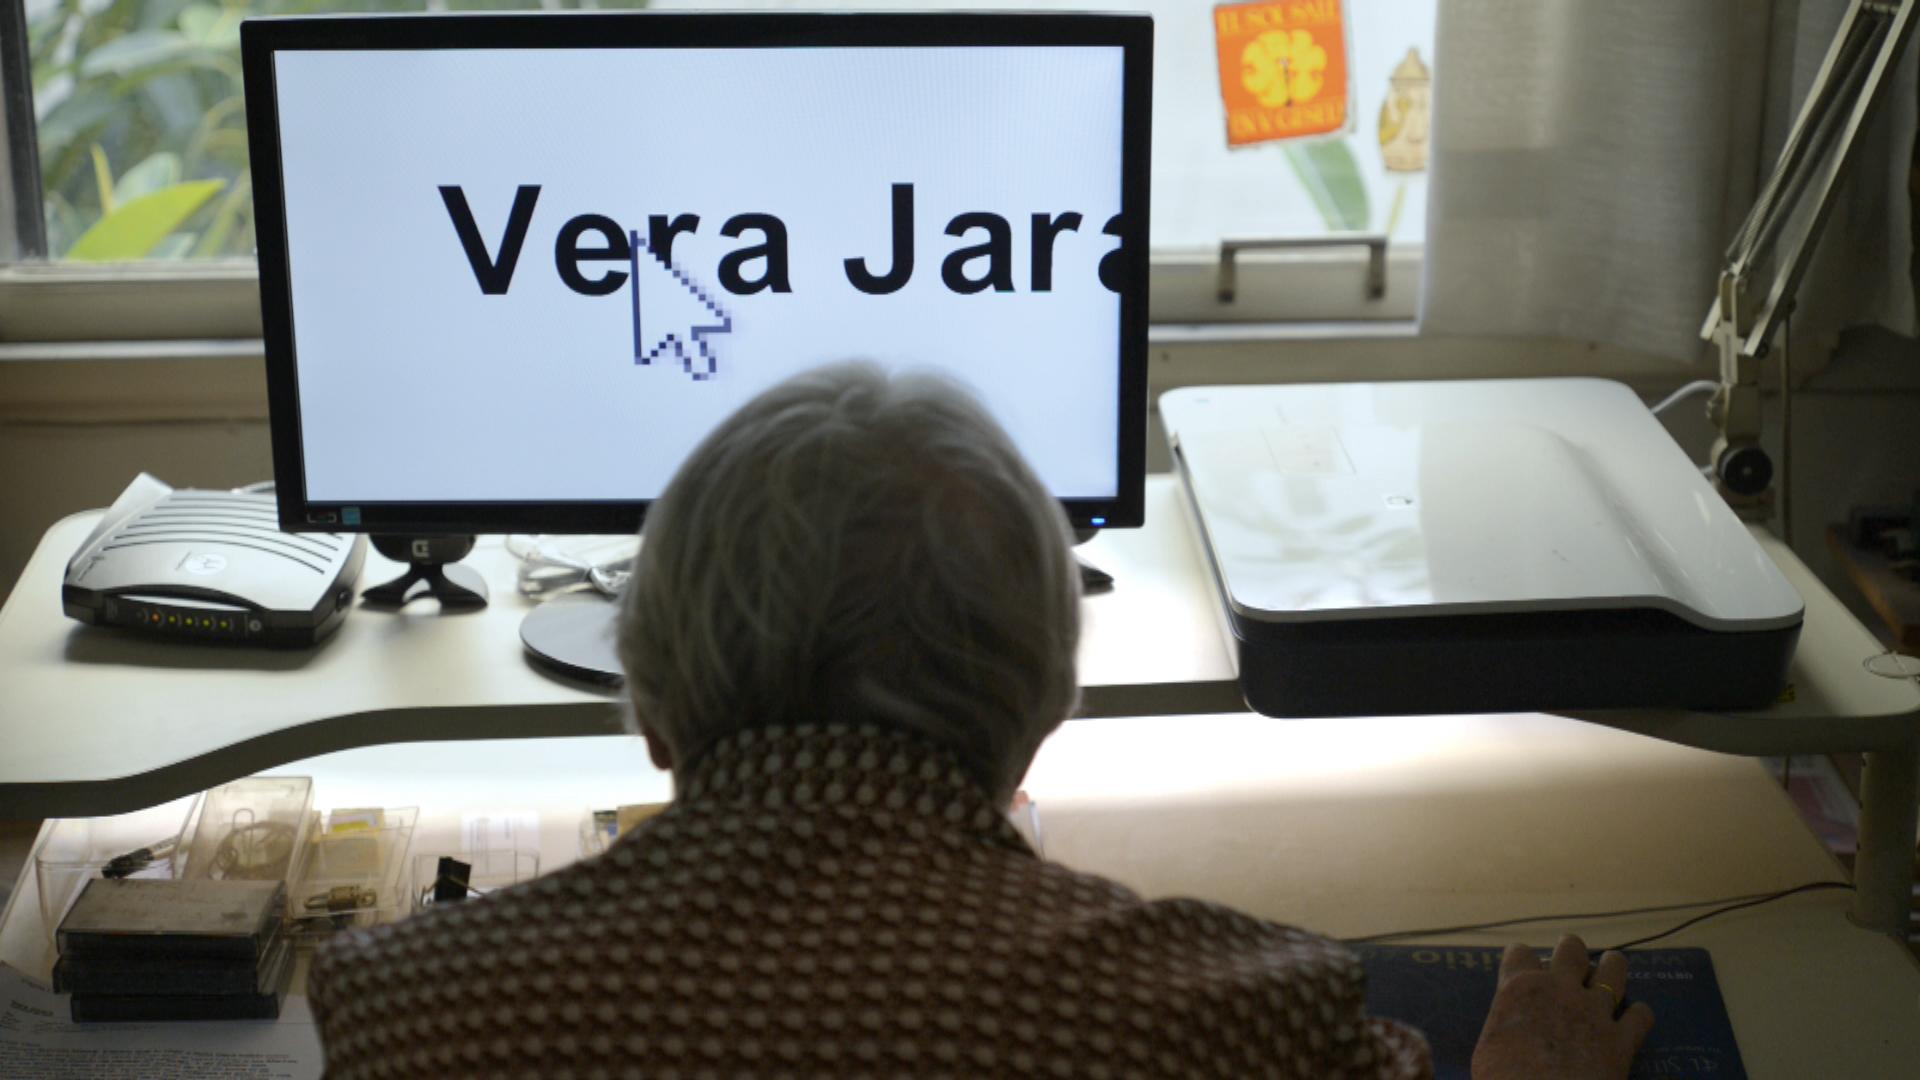 Vera al computer nella cameretta di Franca, dove ha ricavato spazio per la sua scrivania